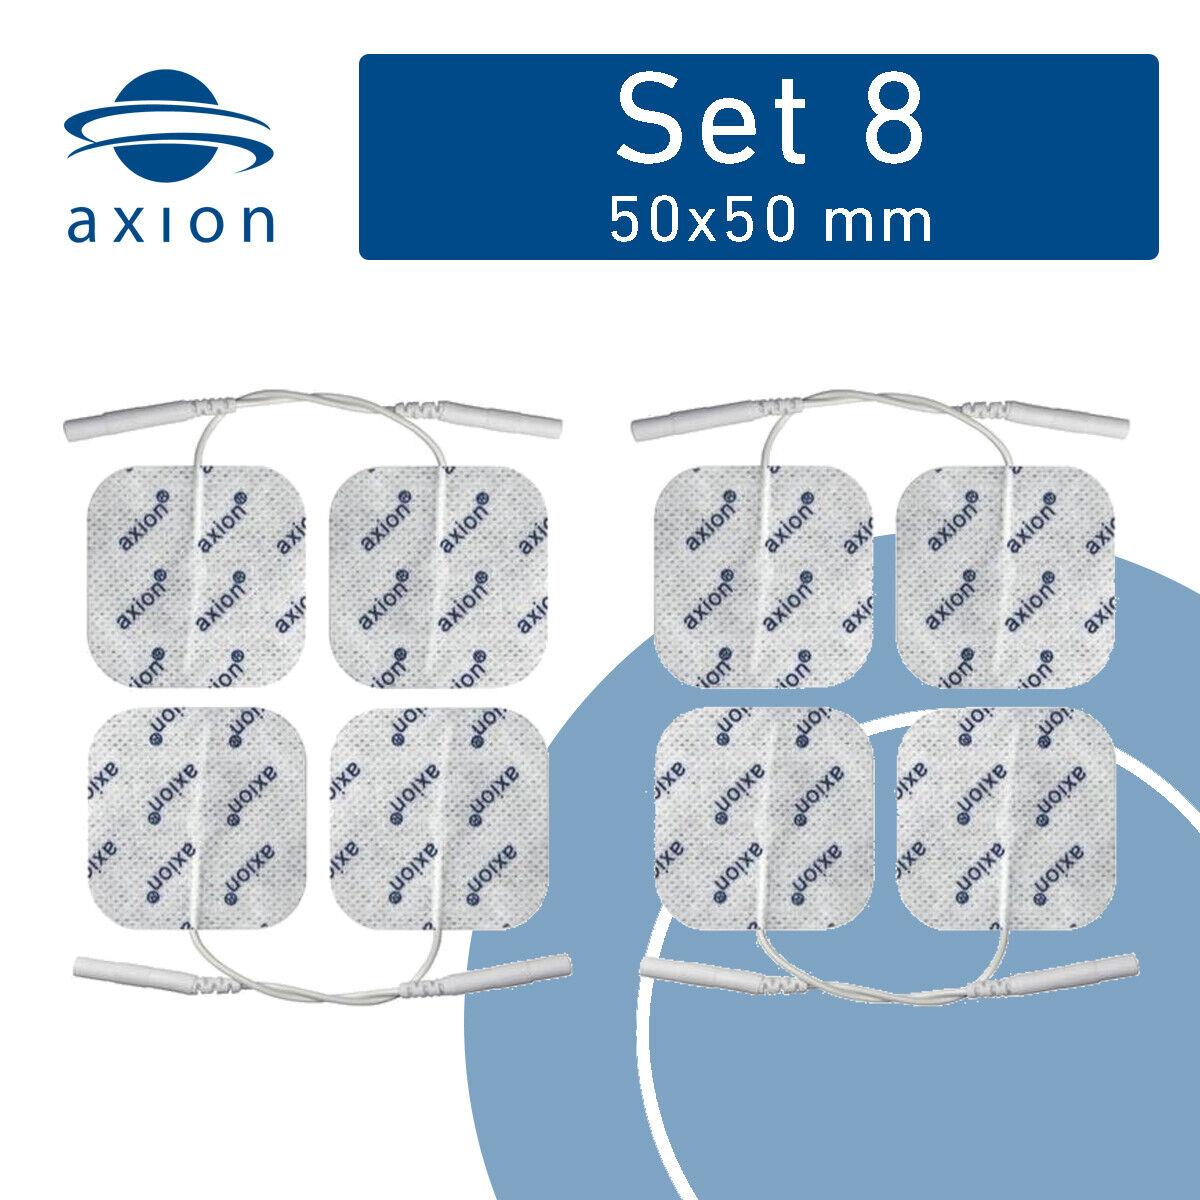 8 Elektroden Pads 50x50mm für Muskel-Nervenstimulator tens ems Gerät 2mm Stecker